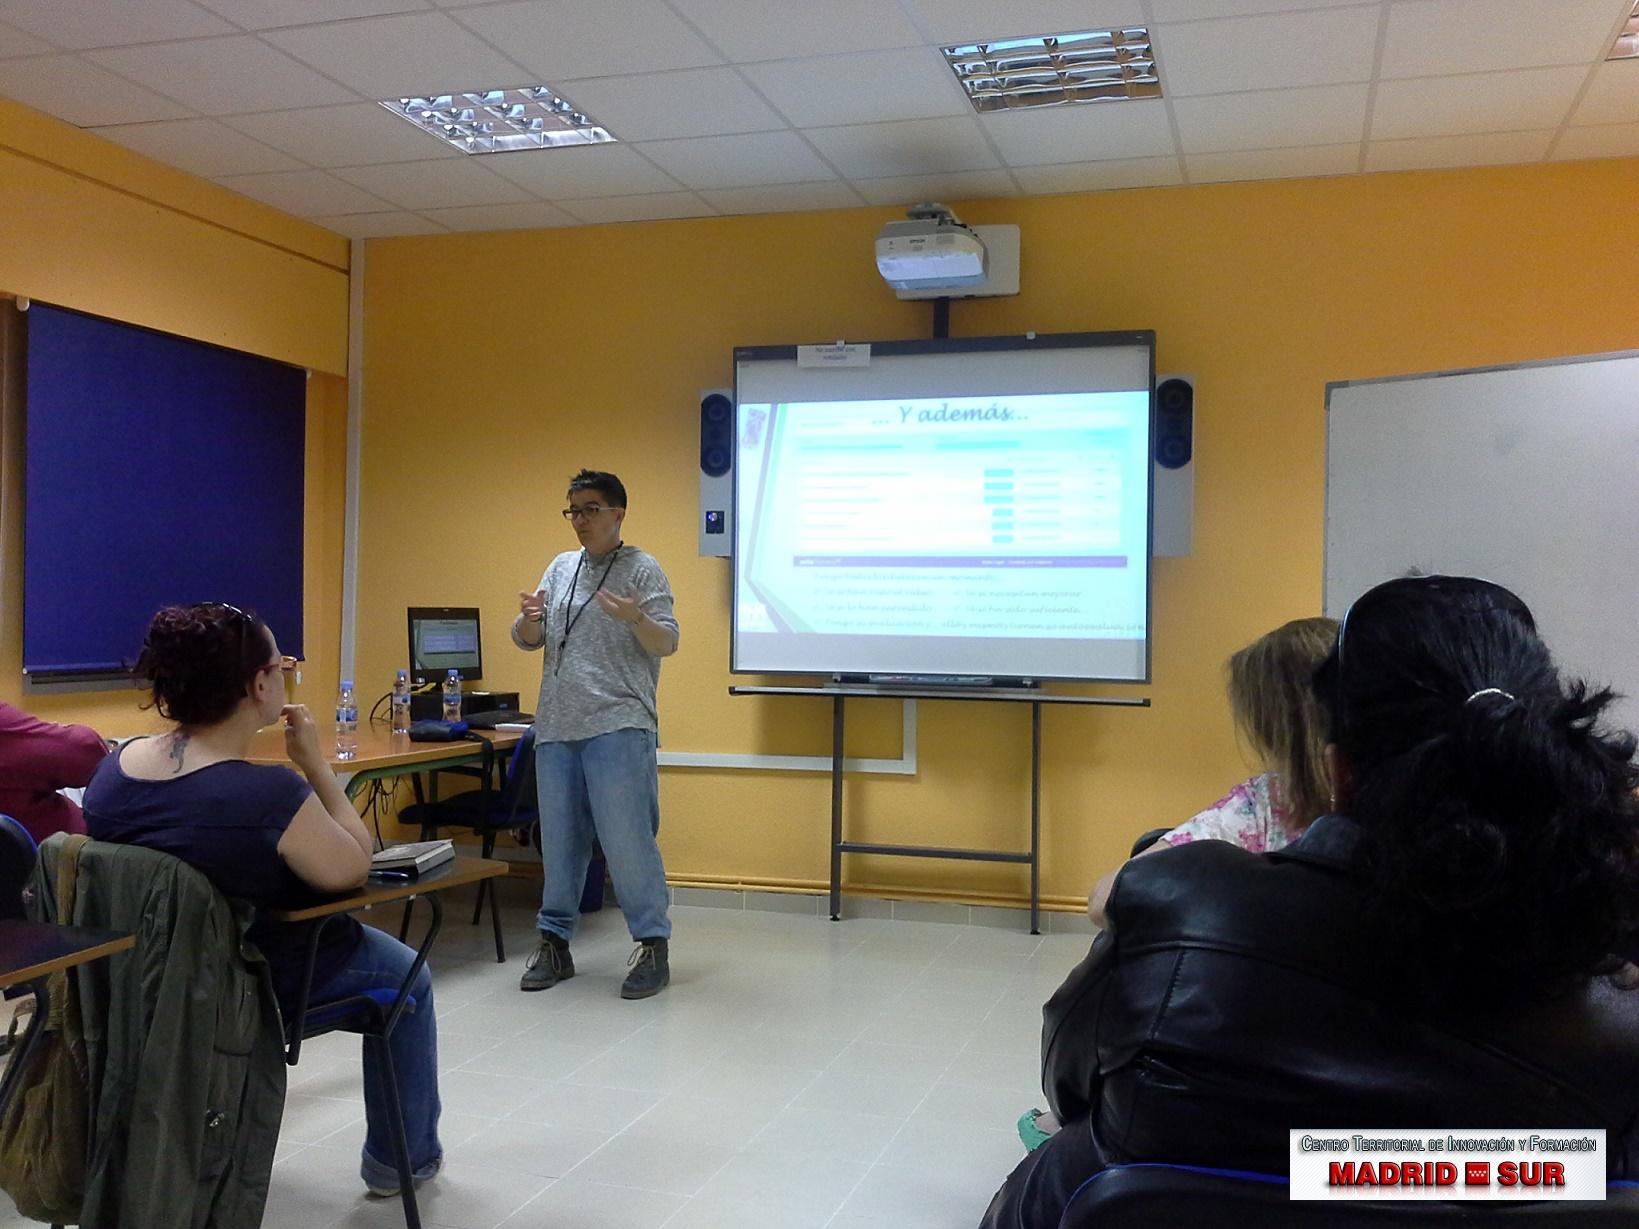 """Jornada """"Aprendizaje competencial - Diseño de proyectos con Aulaplaneta"""" (I)"""